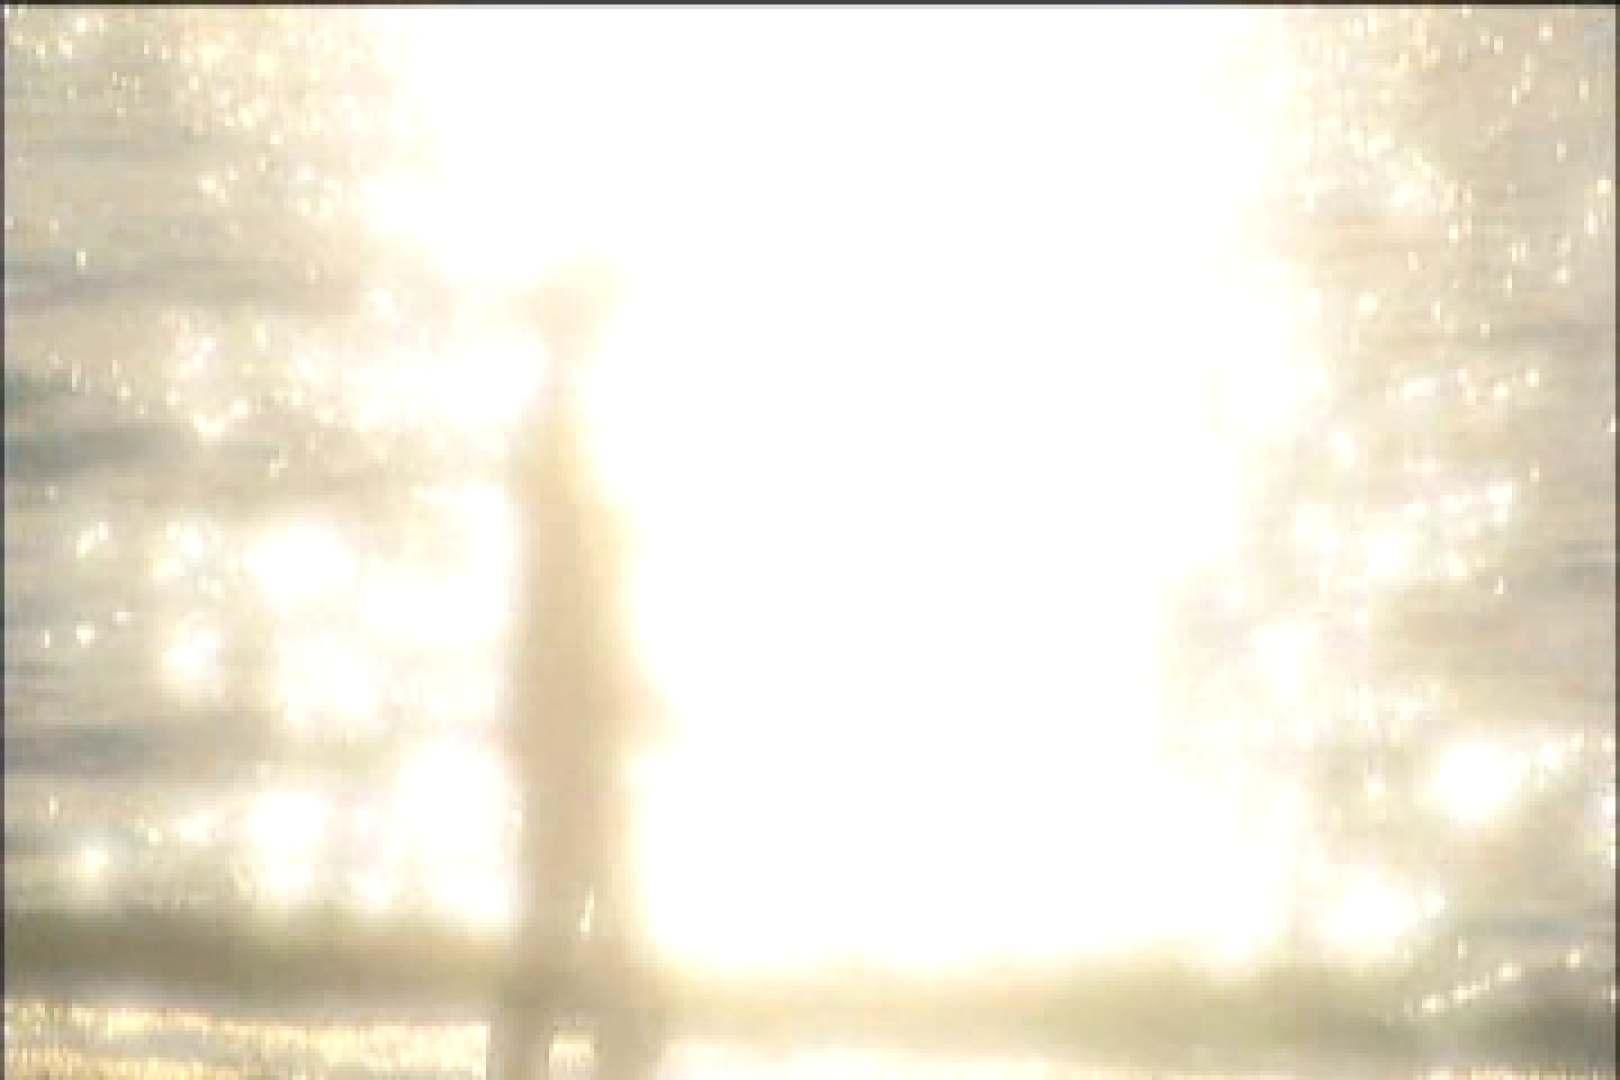 イケメン☆パラダイス〜男ざかりの君たちへ〜vol.40 フェラ ゲイ無修正ビデオ画像 116枚 34